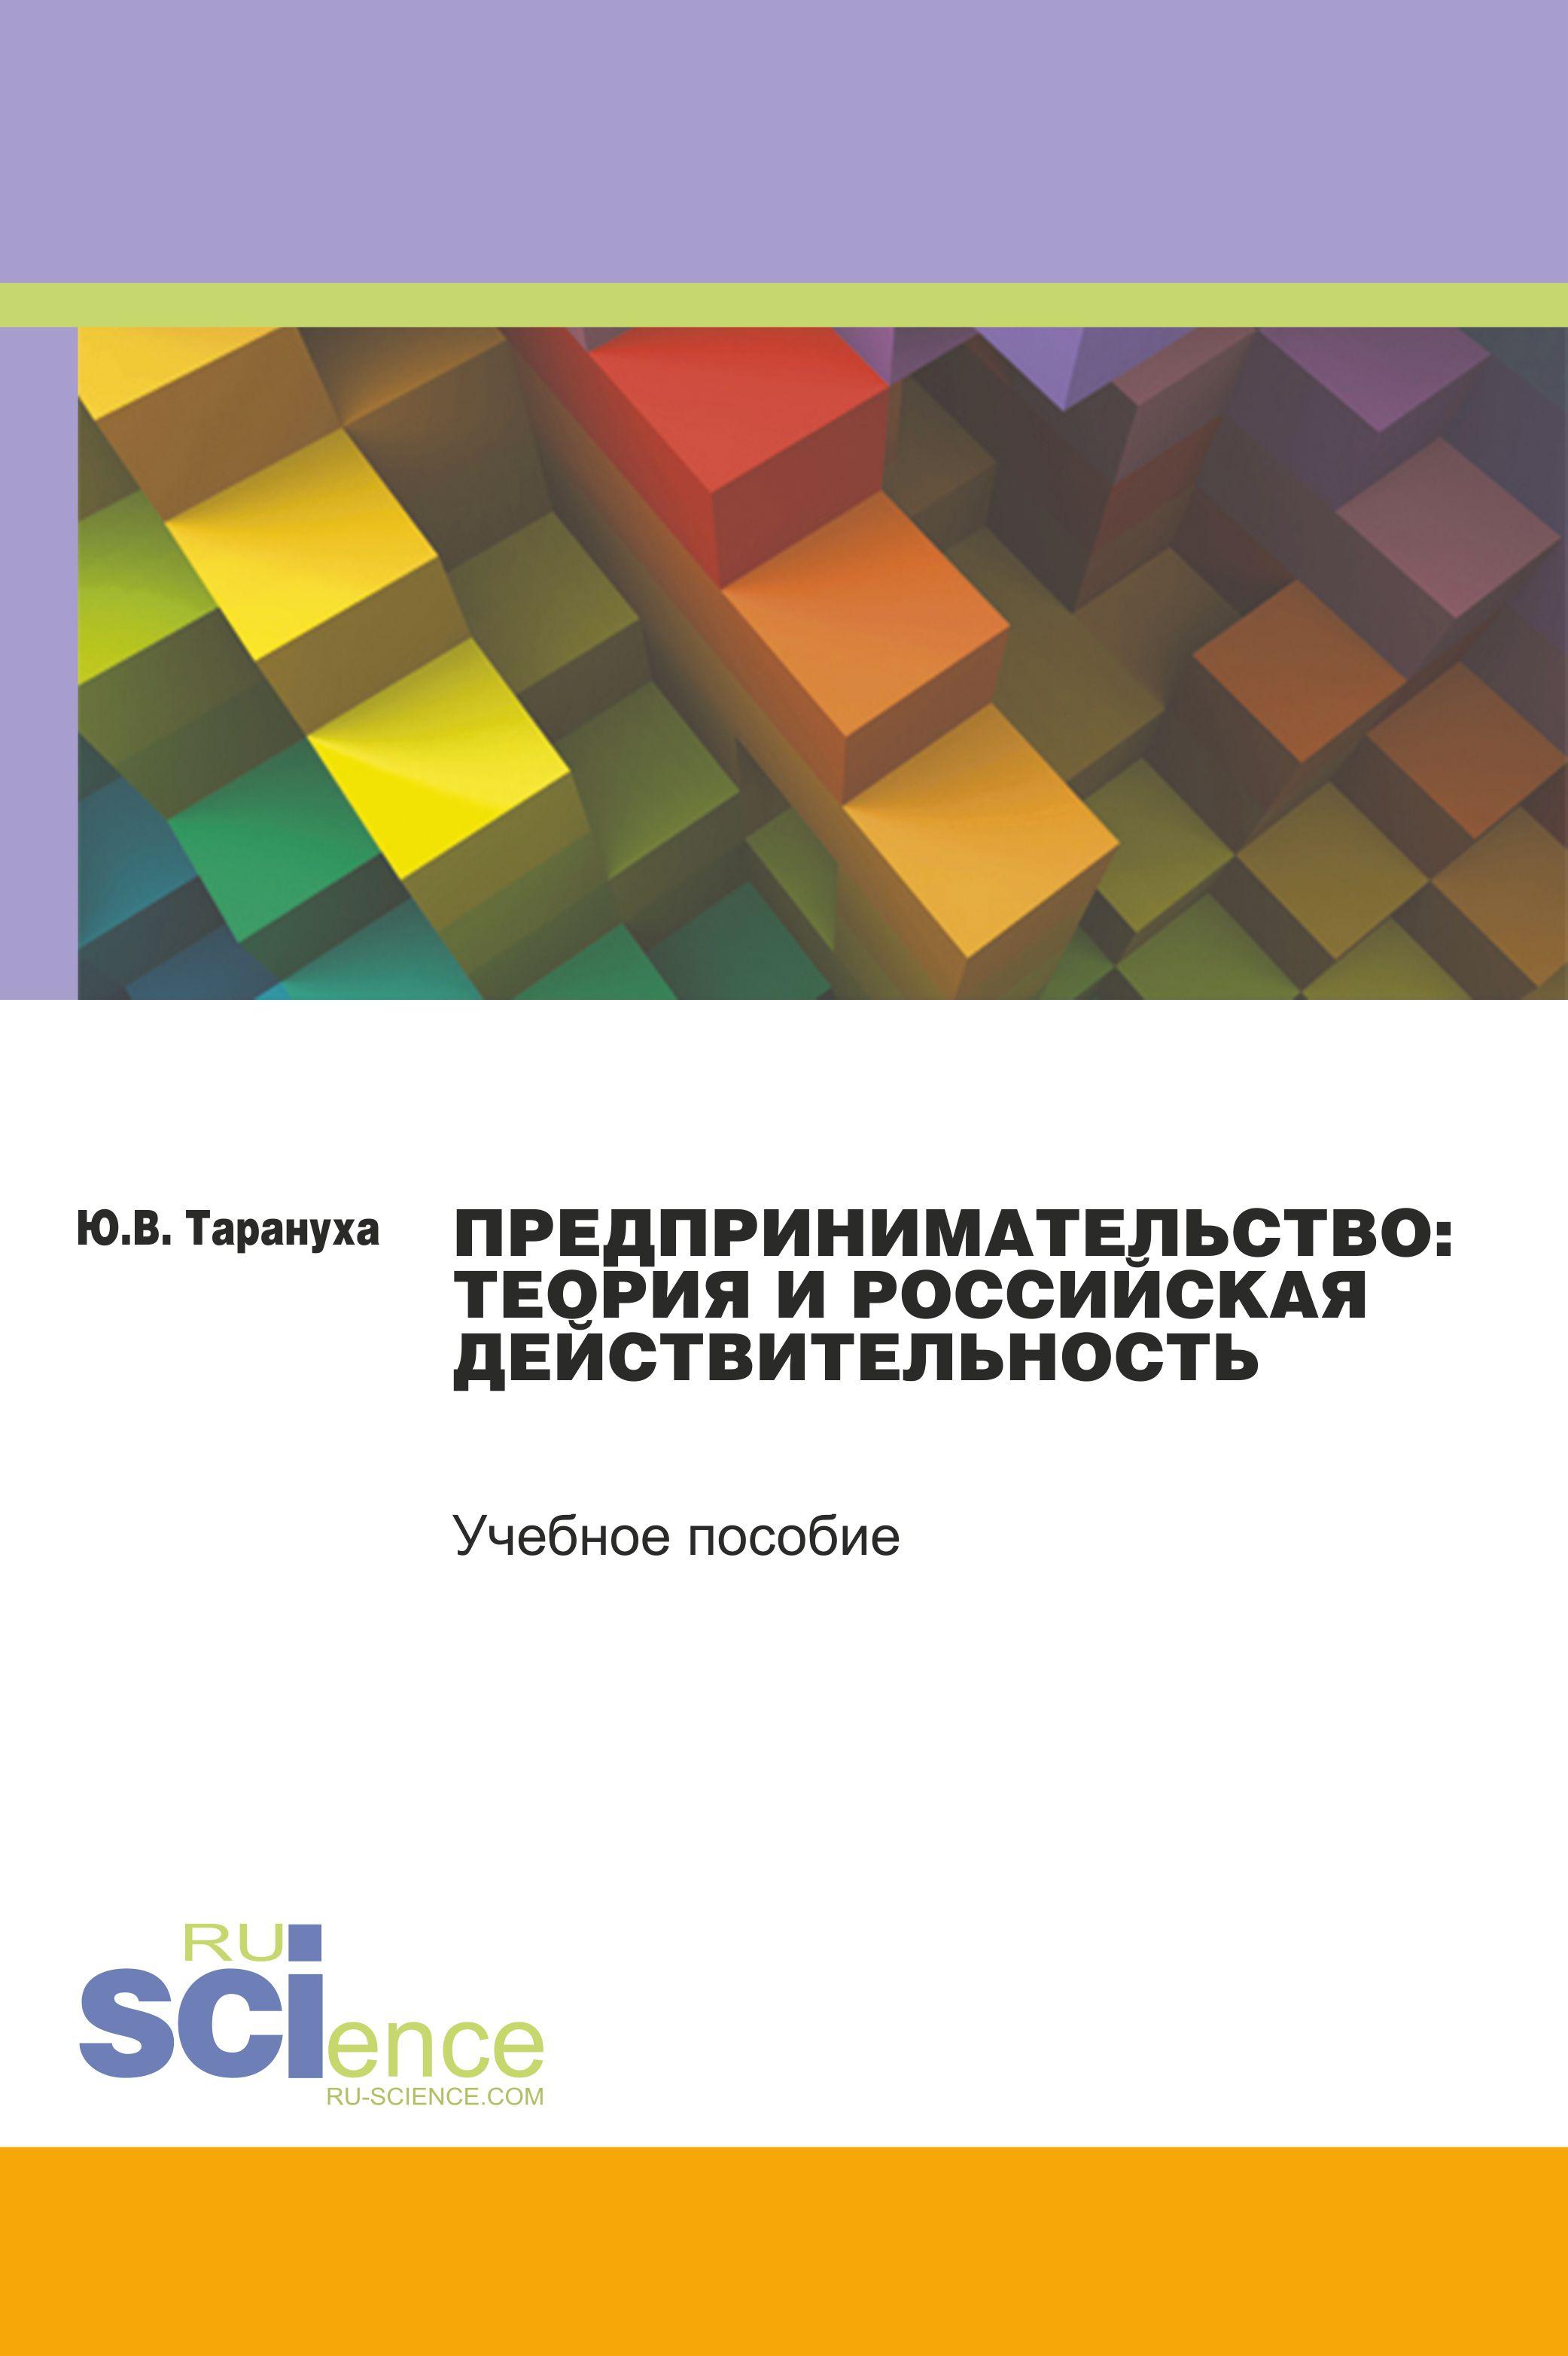 Предпринимательство. Теория и российская действительность. Учебное пособие